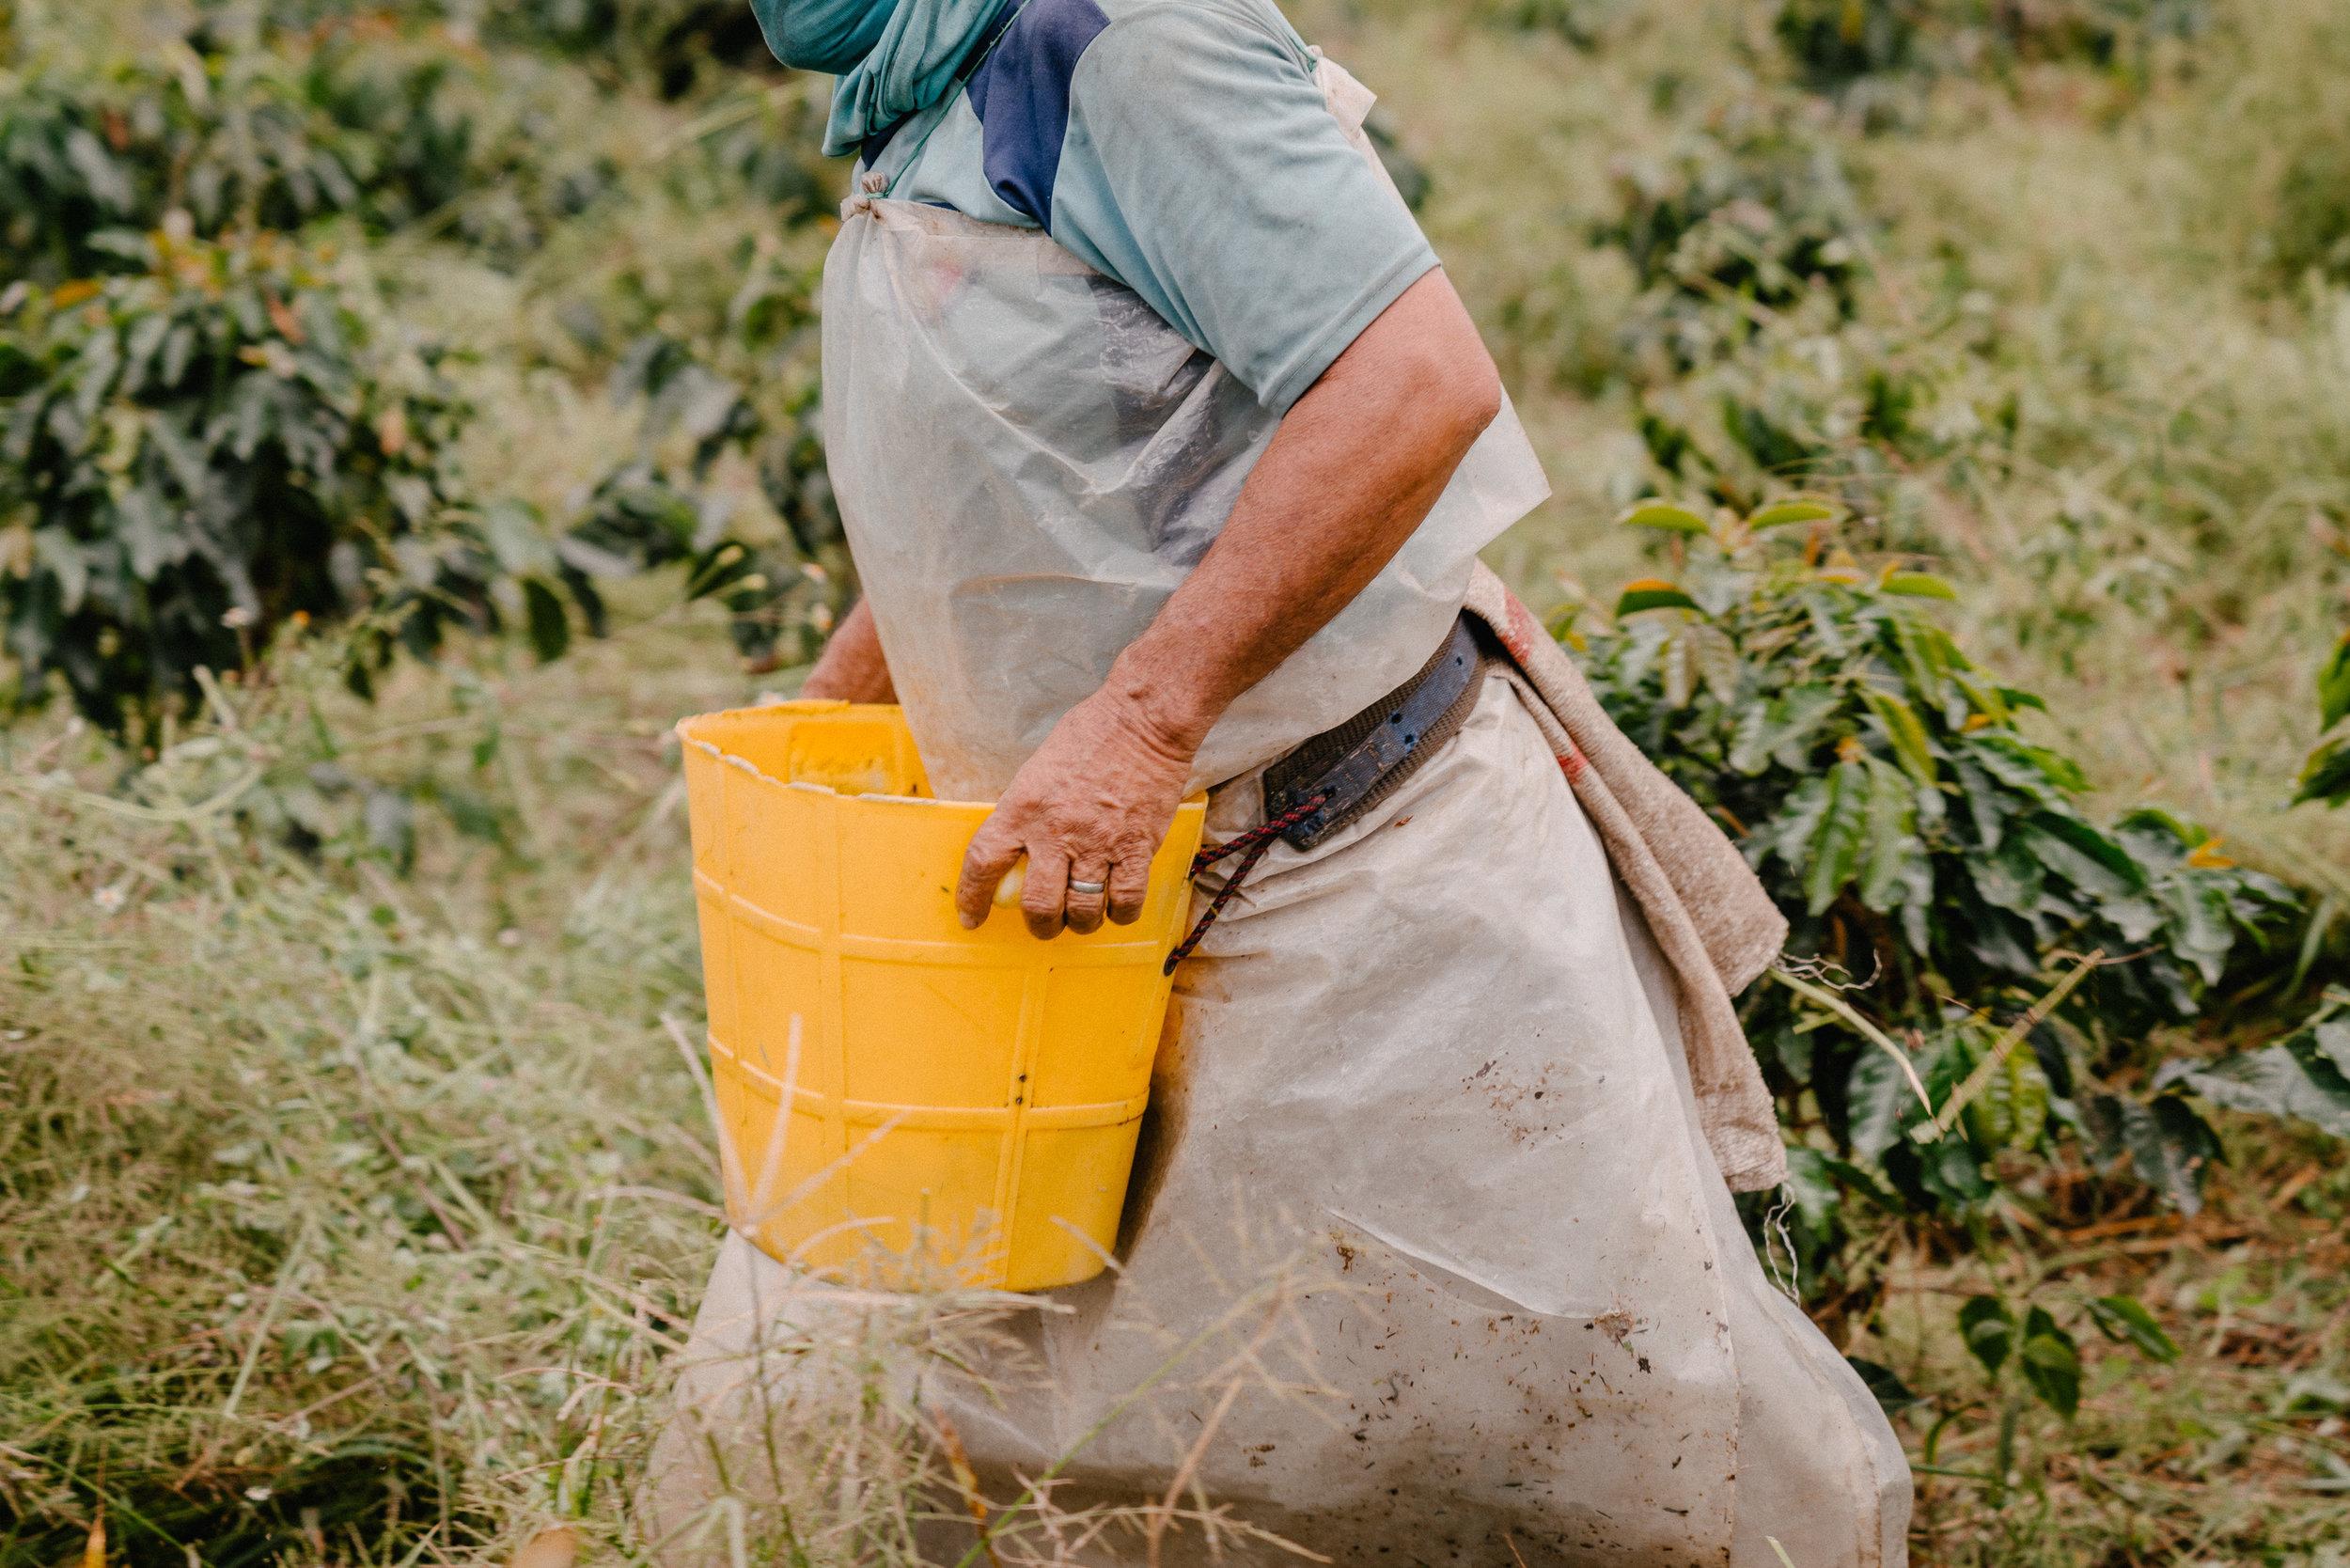 Emanuel-Hahn-Colombia-Coffee-Farmers-Huila-Manizales-Pagpropina-12.jpg